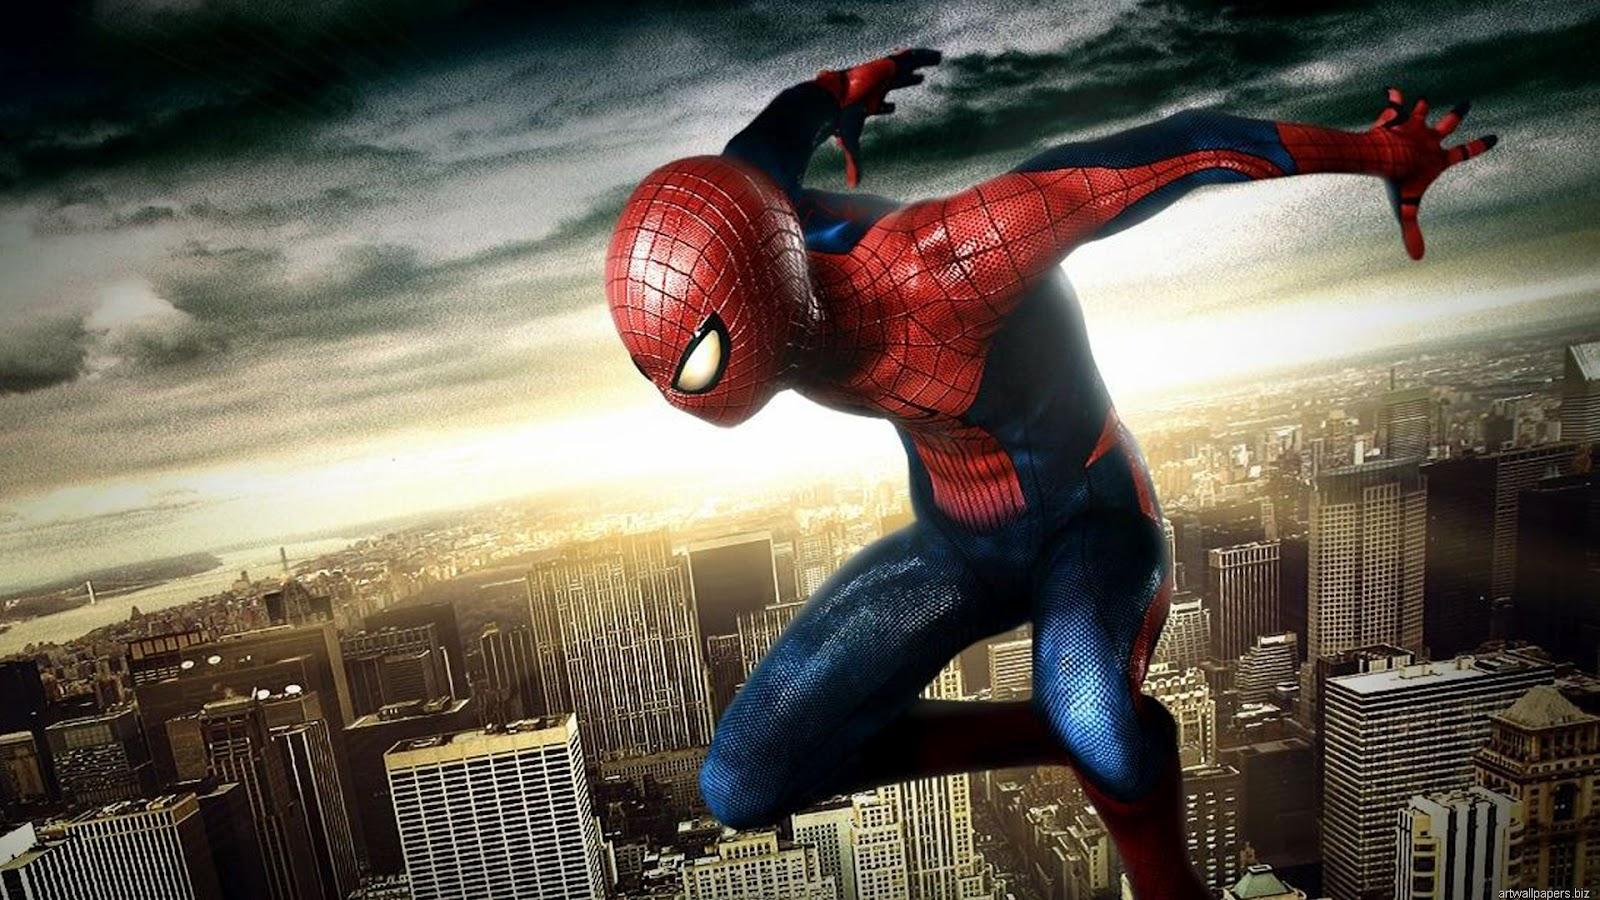 http://2.bp.blogspot.com/-Y1kZYac-IAI/T_MzXglDb6I/AAAAAAAADIM/ut7ruIOwyqI/s1600/The+Amazing+Spider-Man+(2012)+Wallpaper.jpg